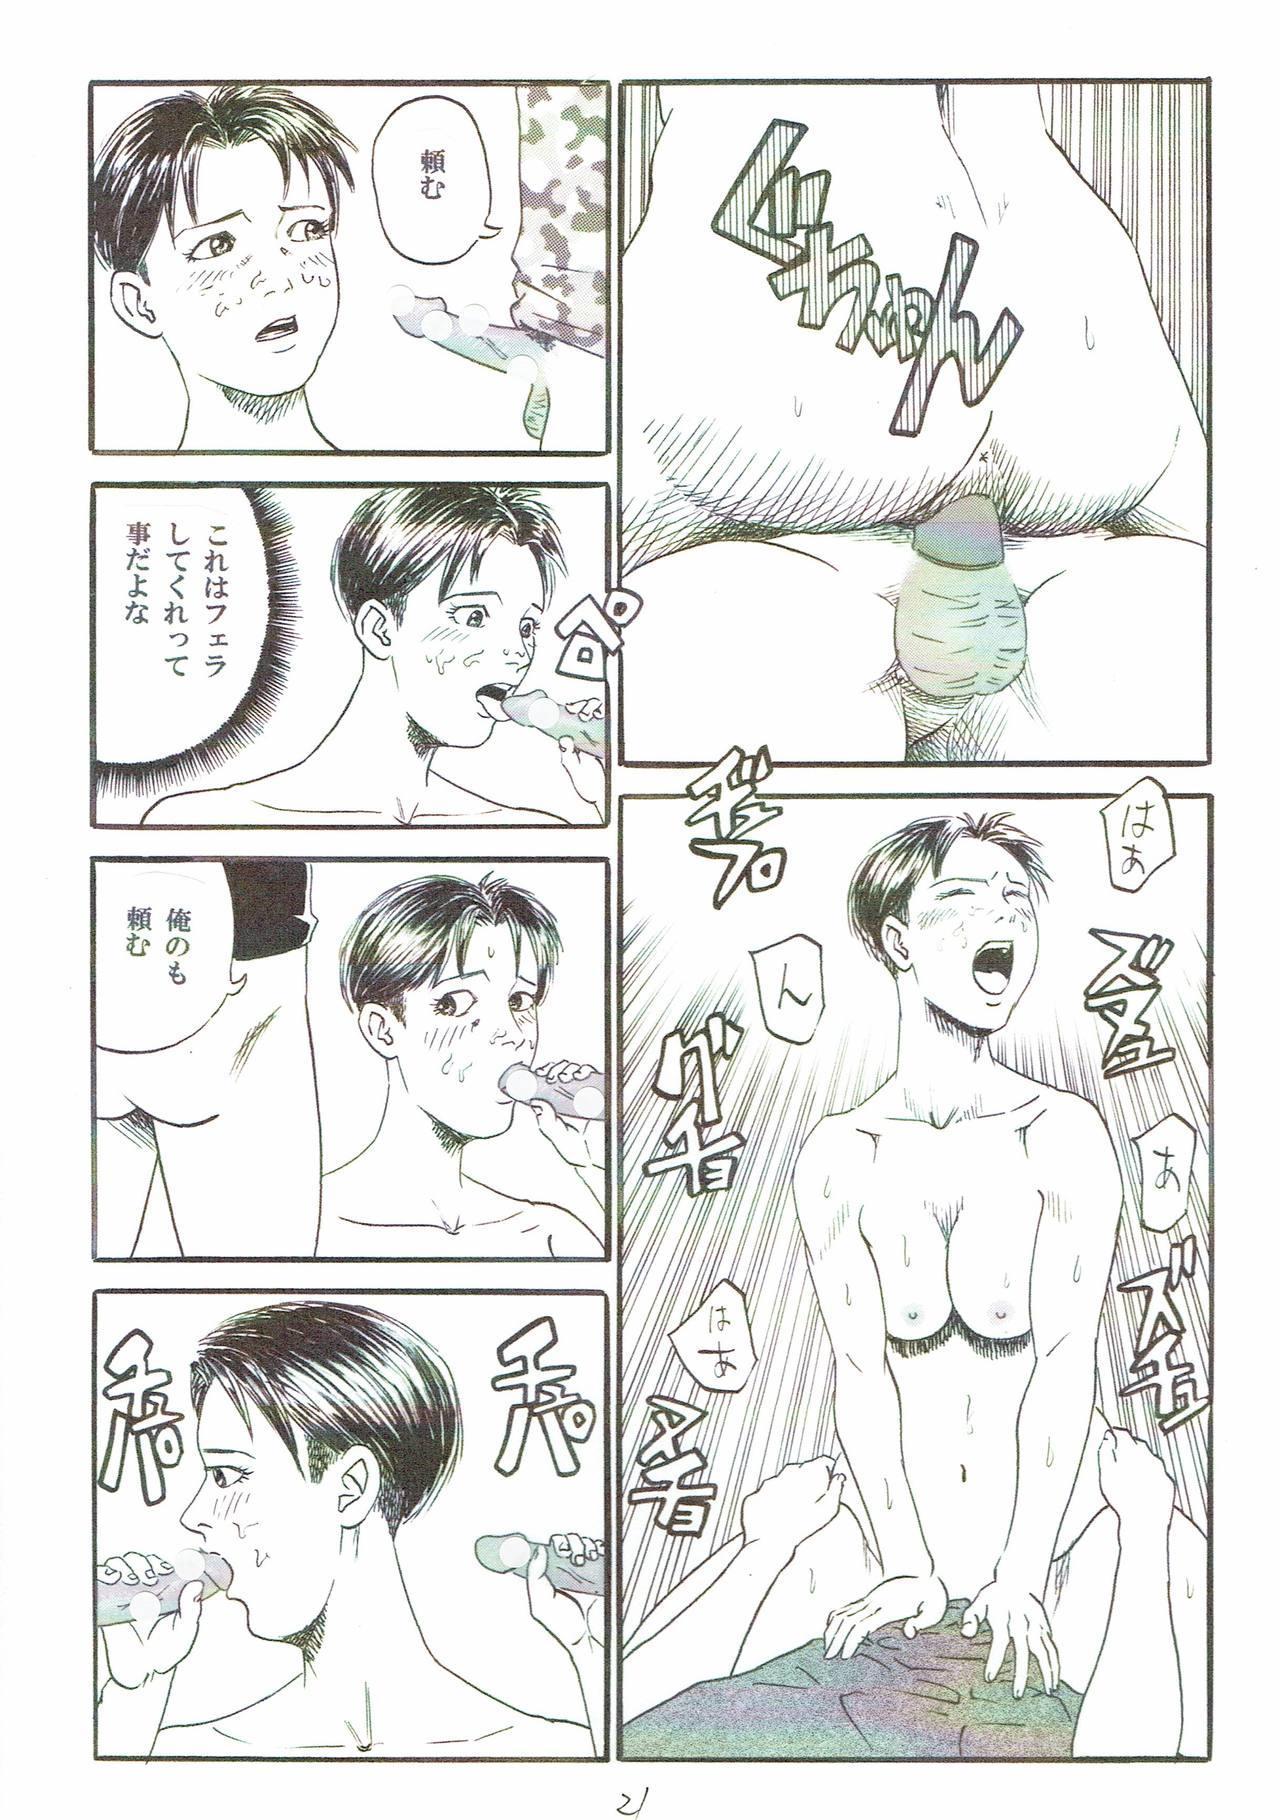 Atarashii Seikyouiku5 21